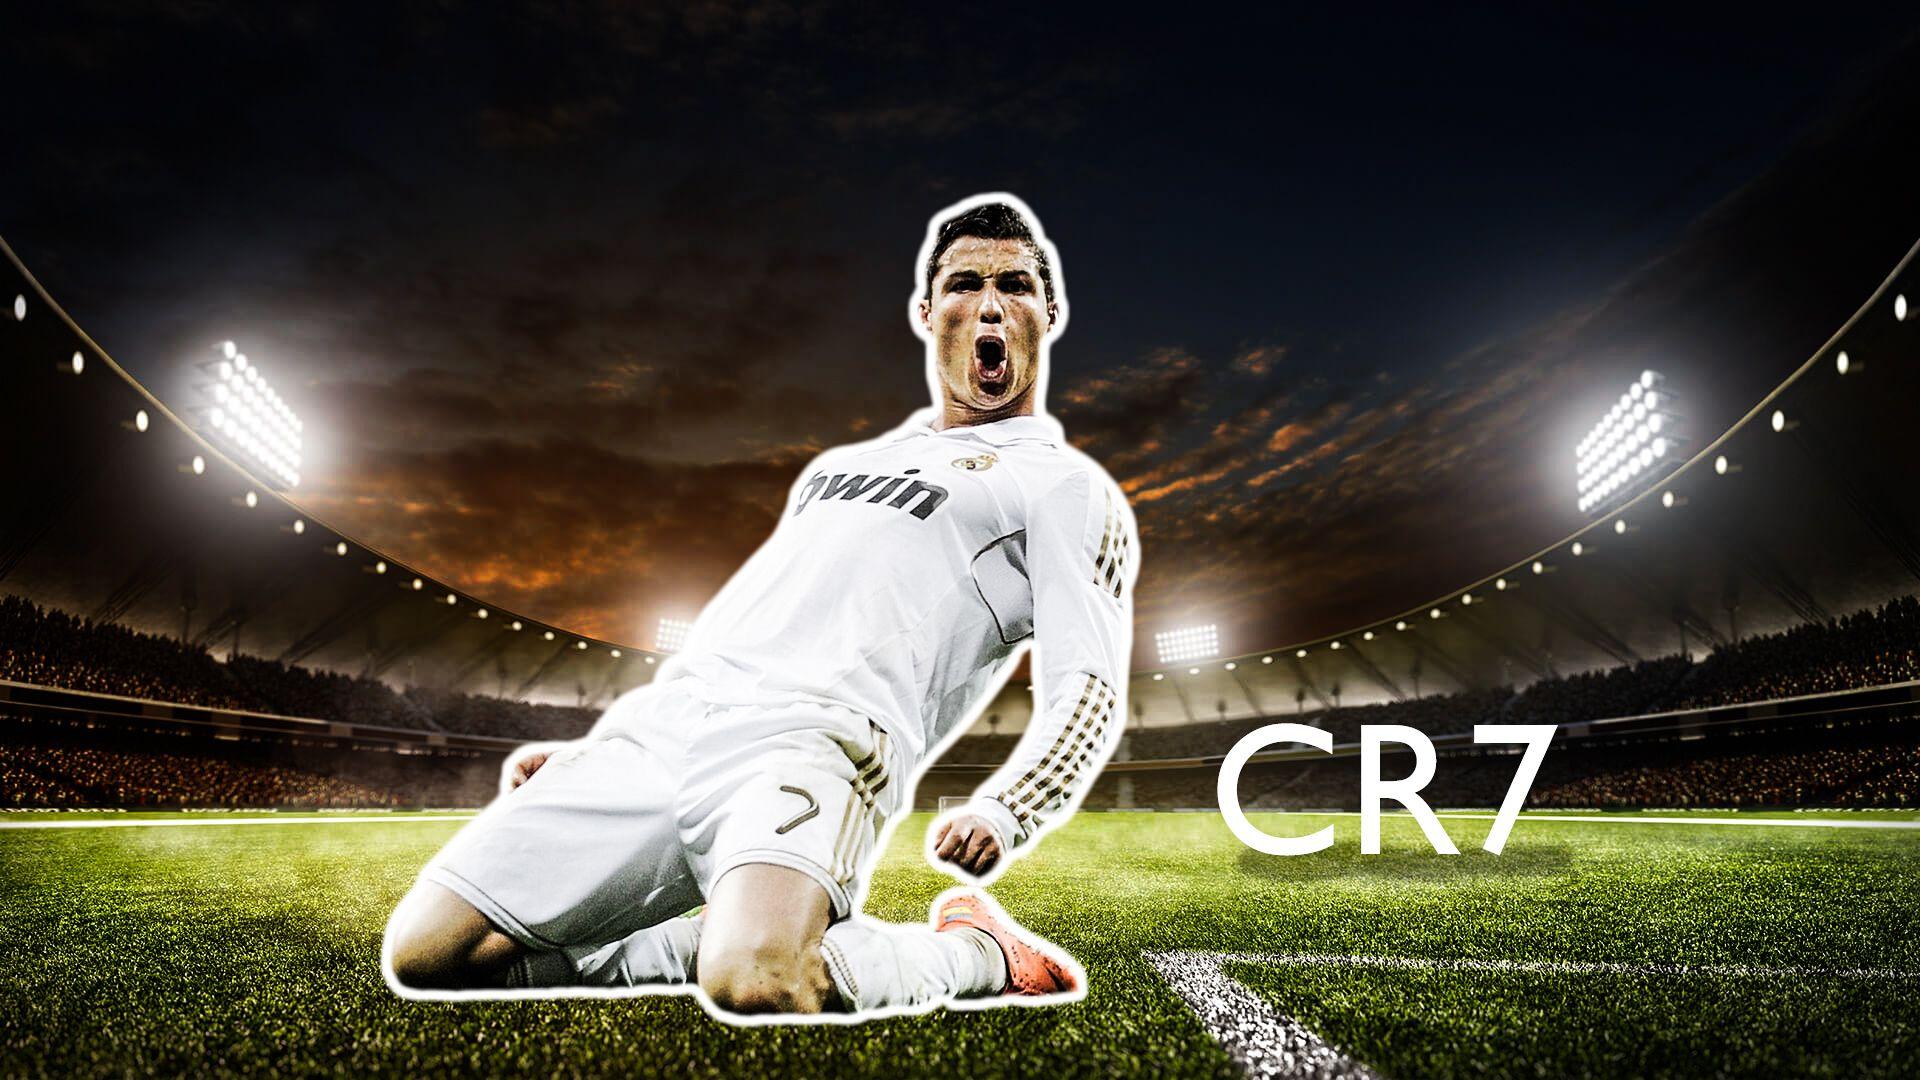 Cristiano Ronaldo Photos On Desktop